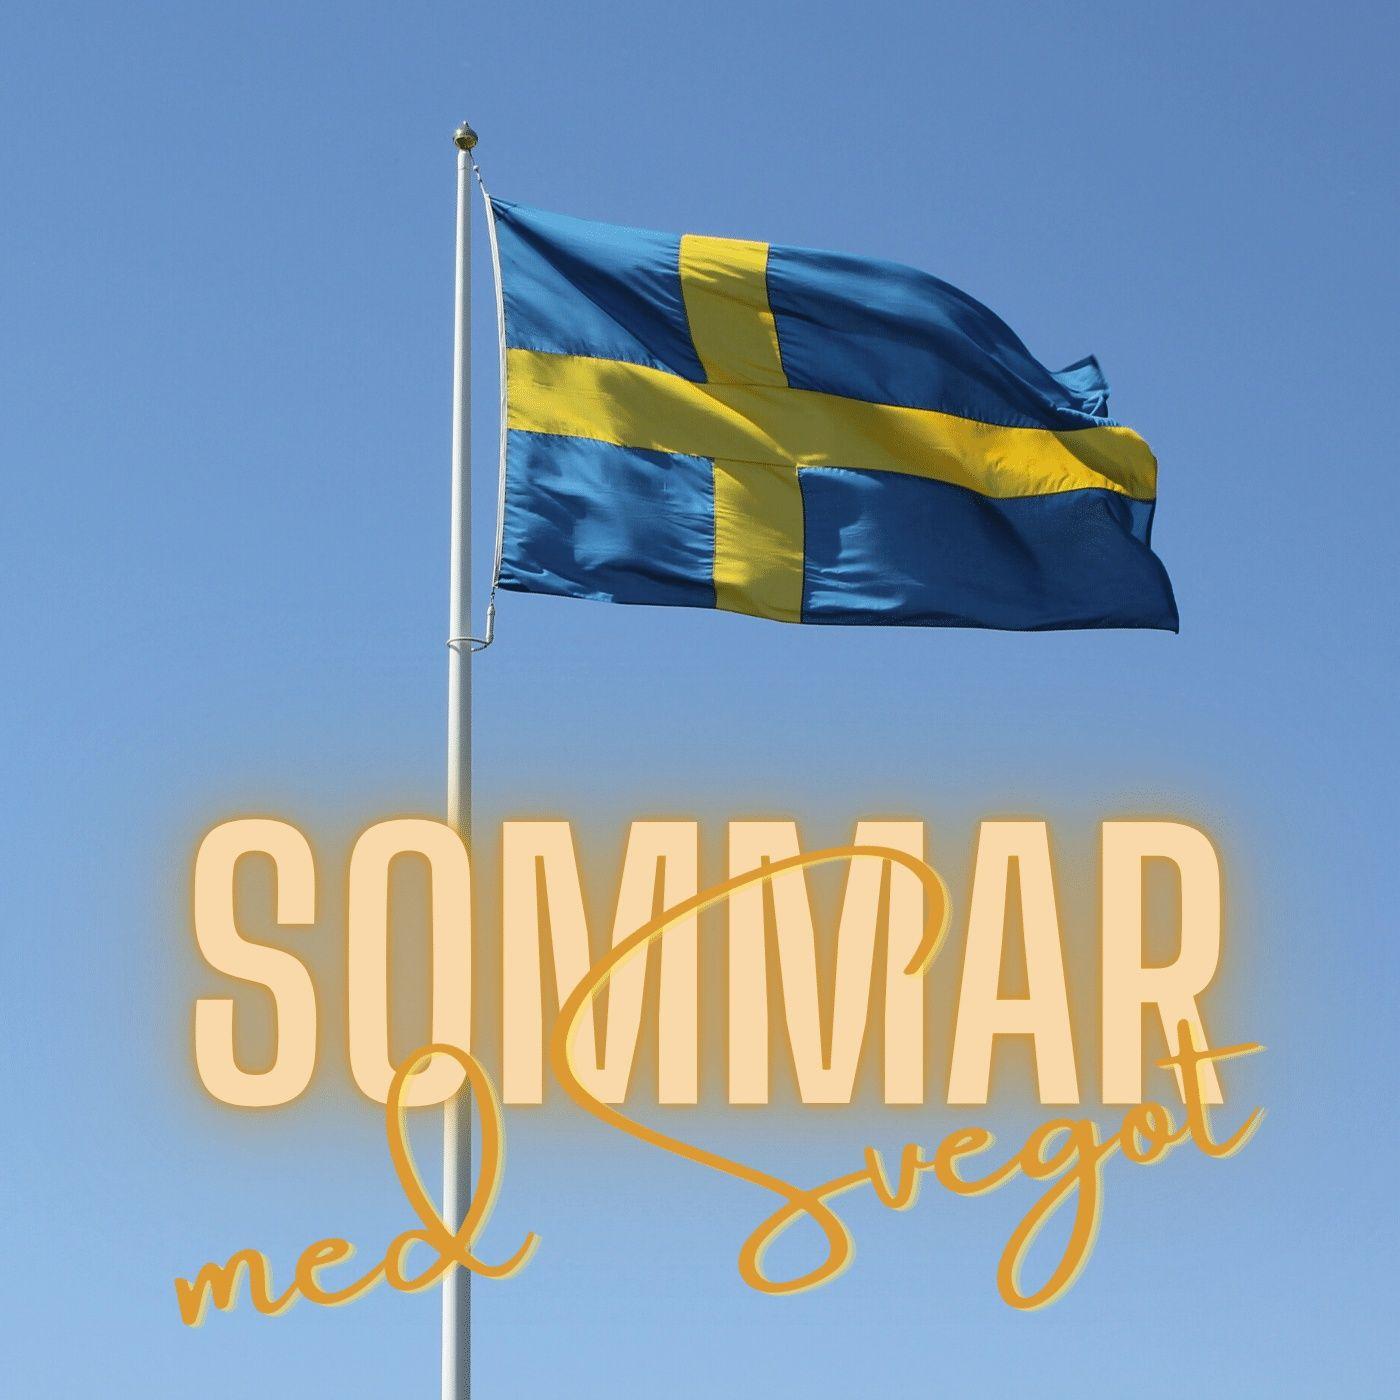 141. Svensk identitet och strävan (Sommar med Svegot #2)